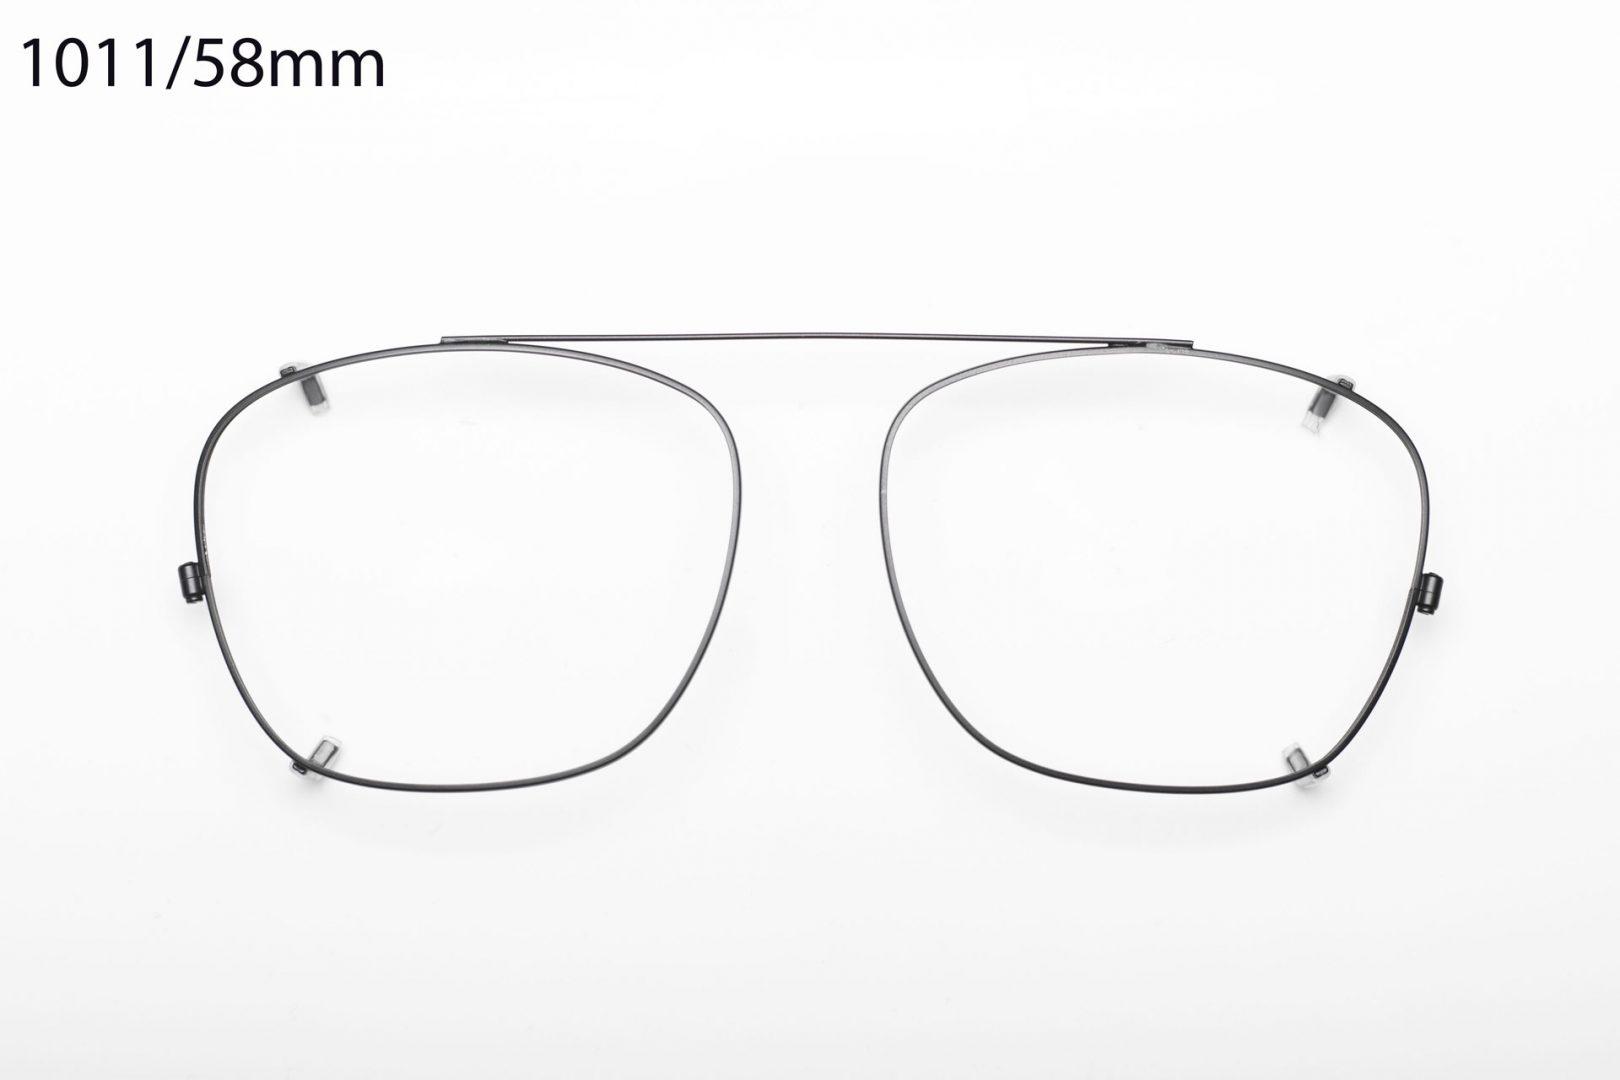 Modèle A20-101158mm